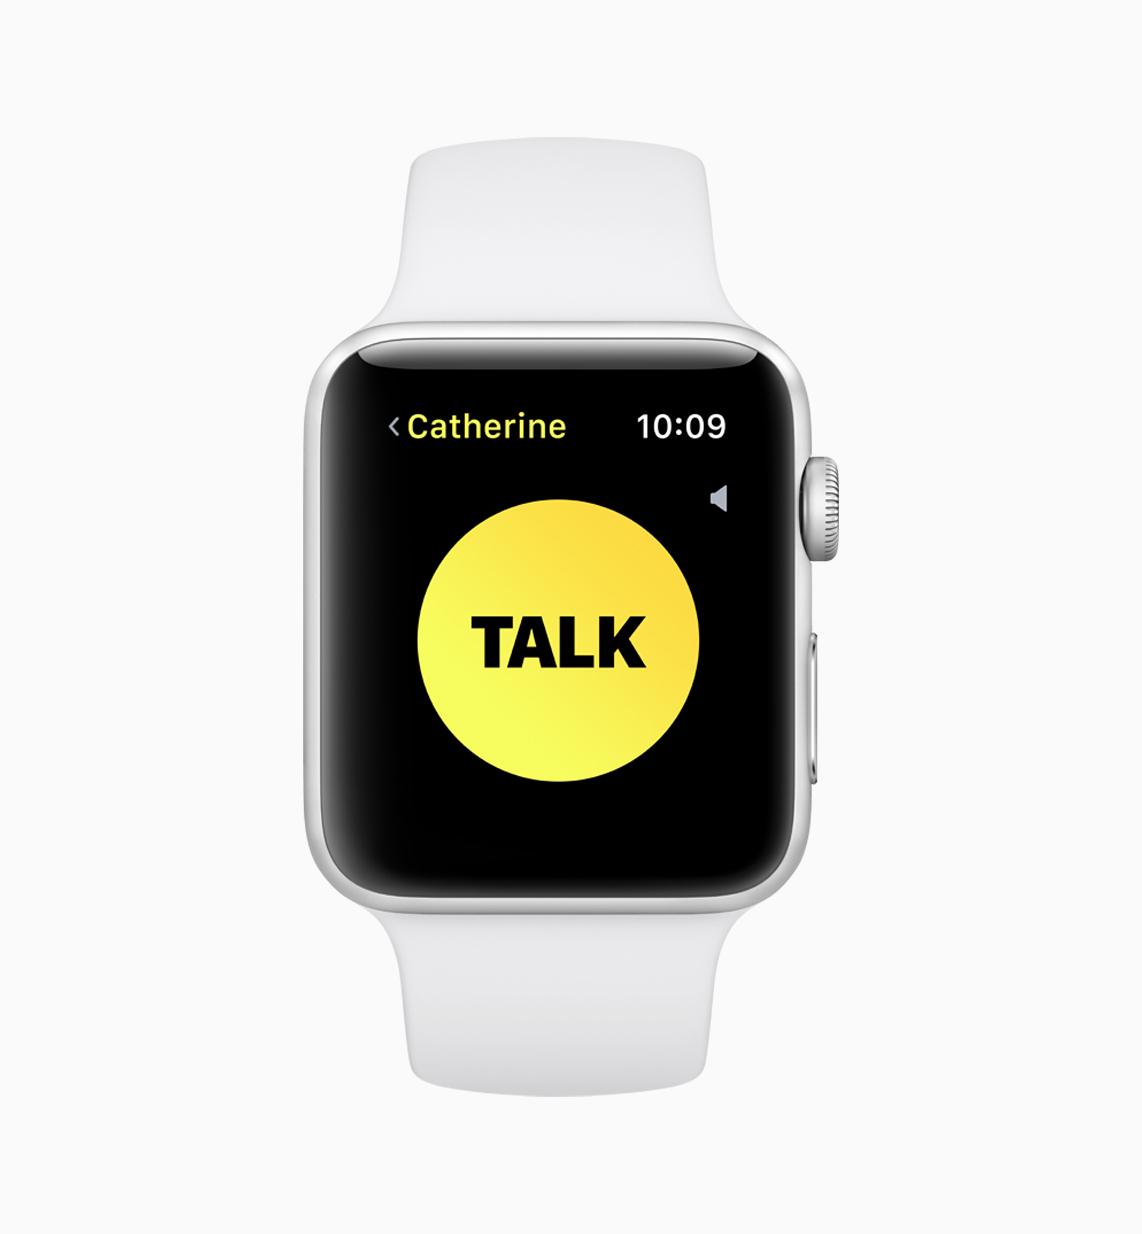 Example of walkie-talkie app on watchOS